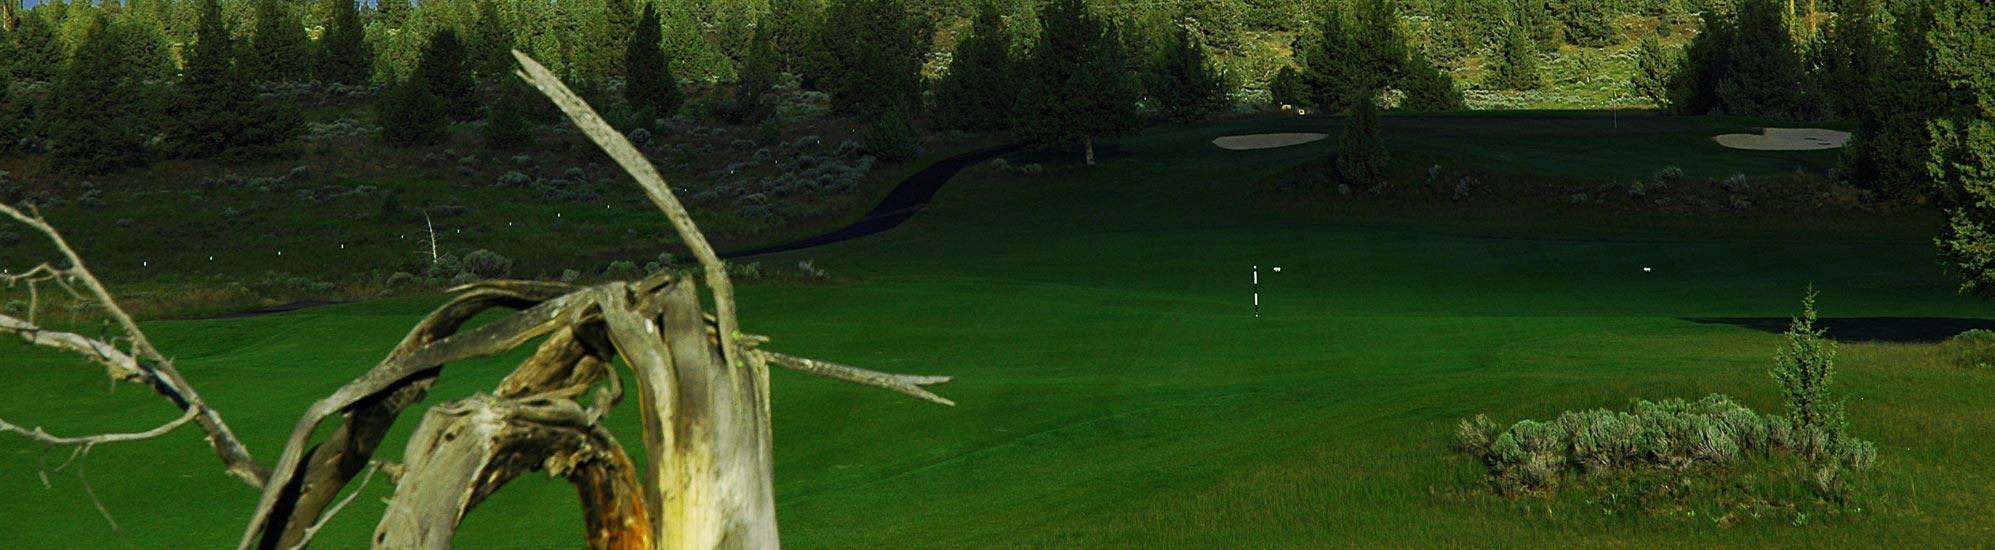 Juniper Golf Course image 5